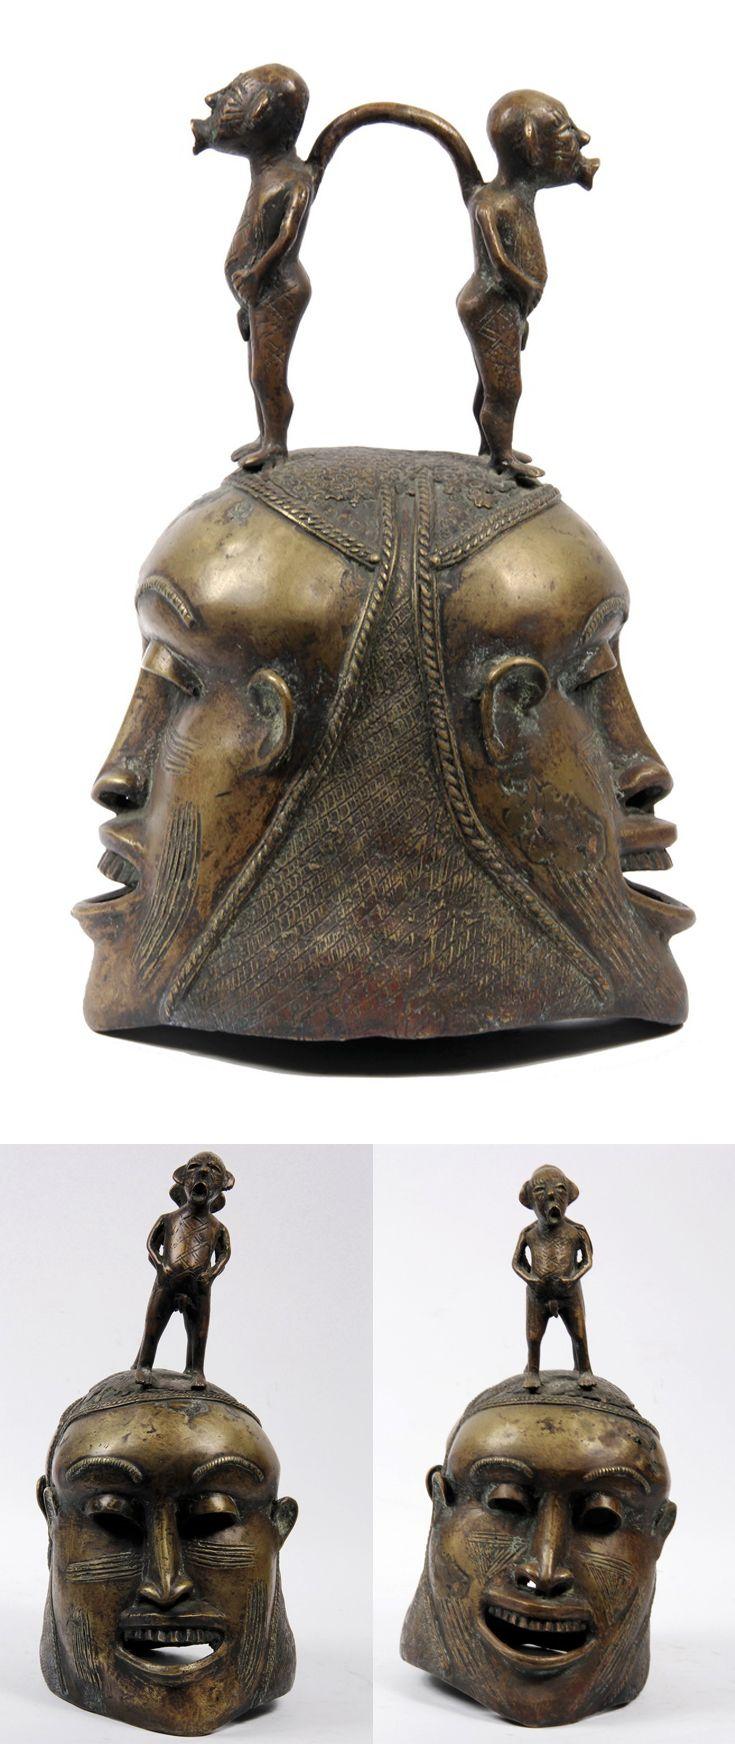 Africa | Benin Janus helmet, from Nigeria | Bronze; lost wax method | 20th century